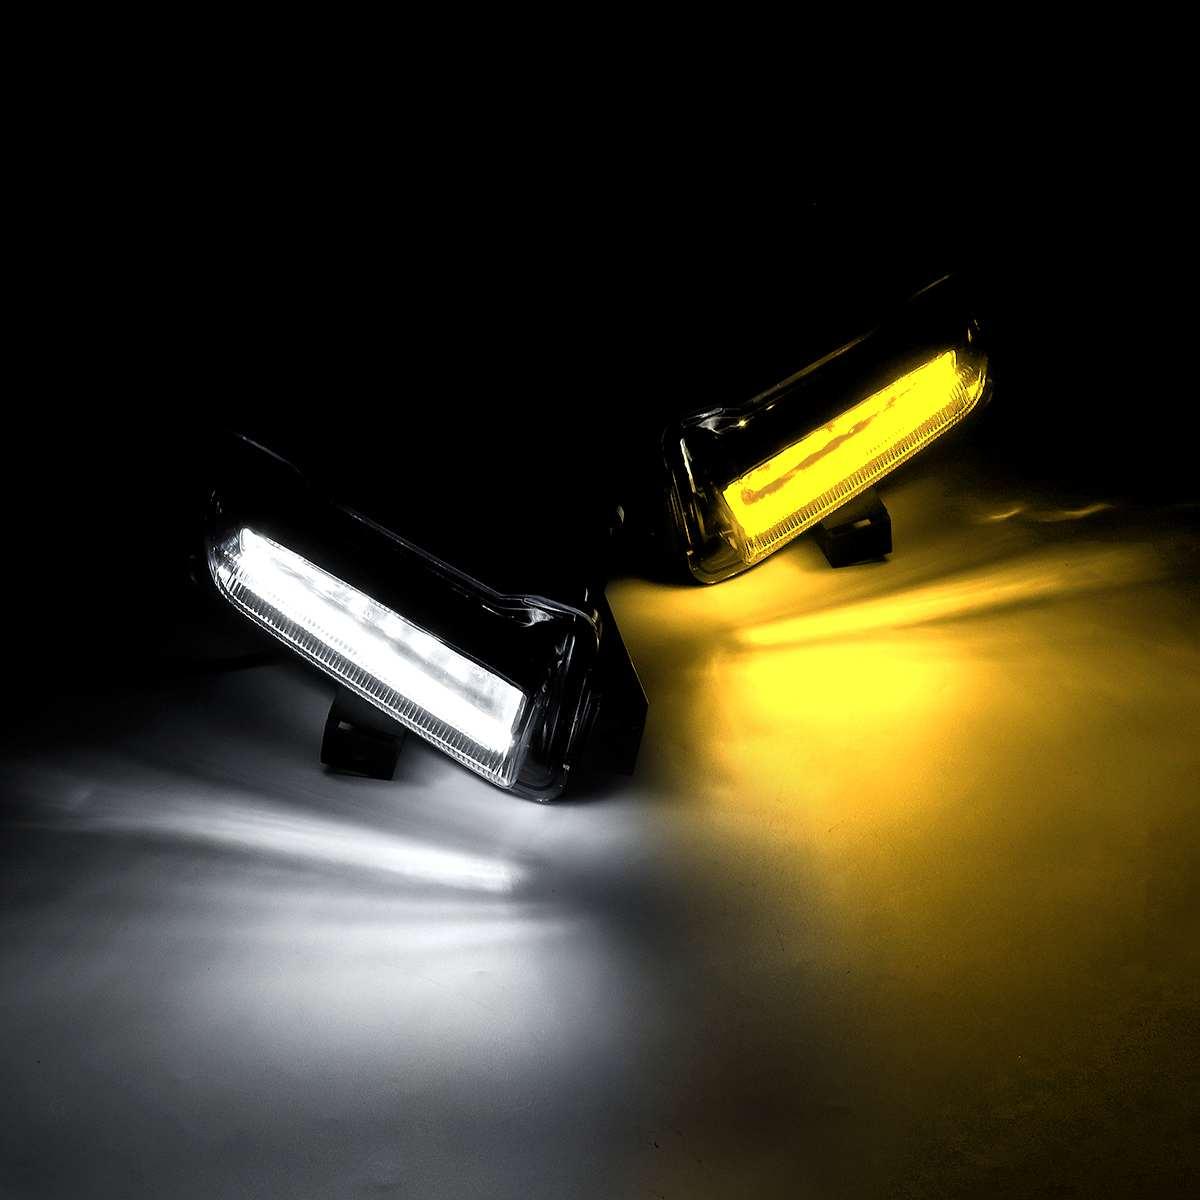 Di giorno Corsa e Jogging Luci, 5 luce Bianco/Ambra LED Daytime Corsa e Jogging Luce DRL Segnale di Girata Dual Modello DRL per Ford F150 Raptor 2016 2 - 4